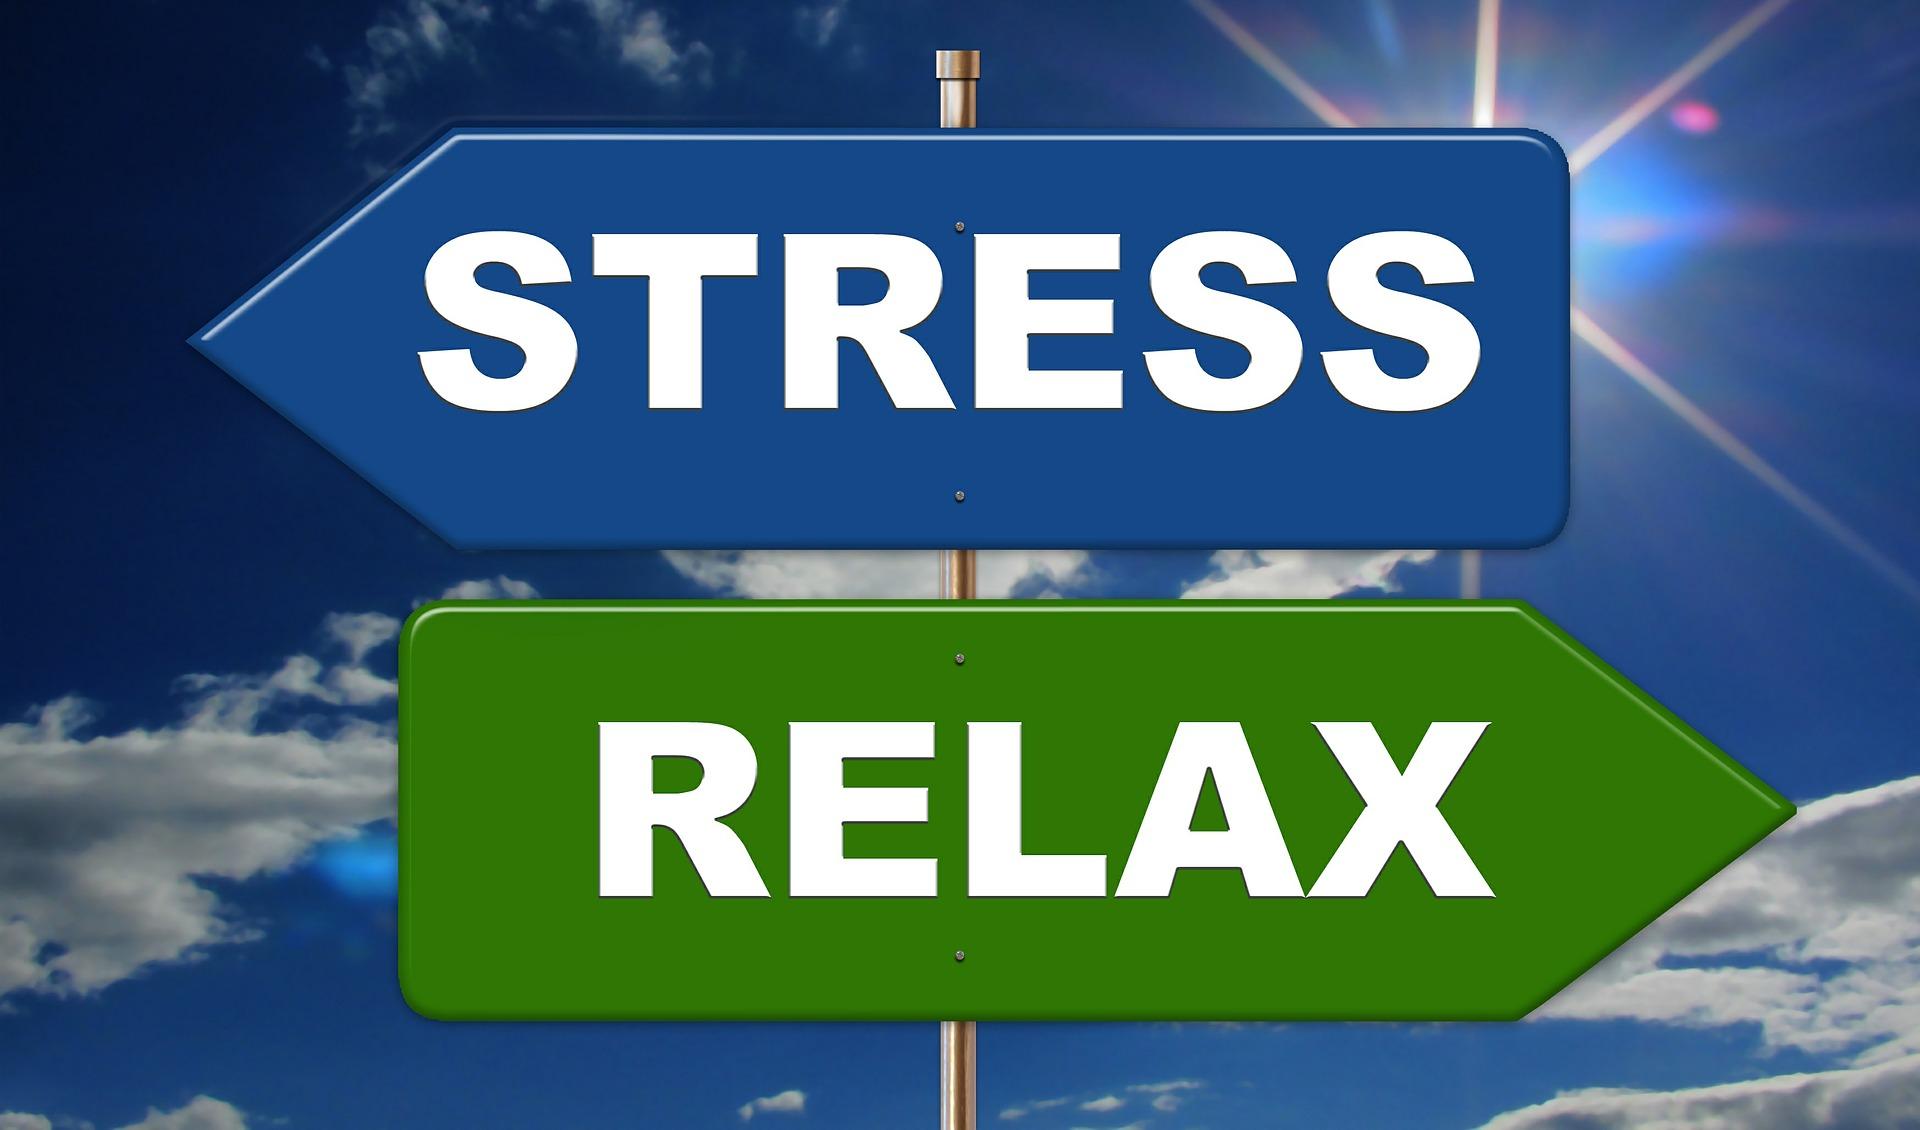 stress-391654_1920.jpg